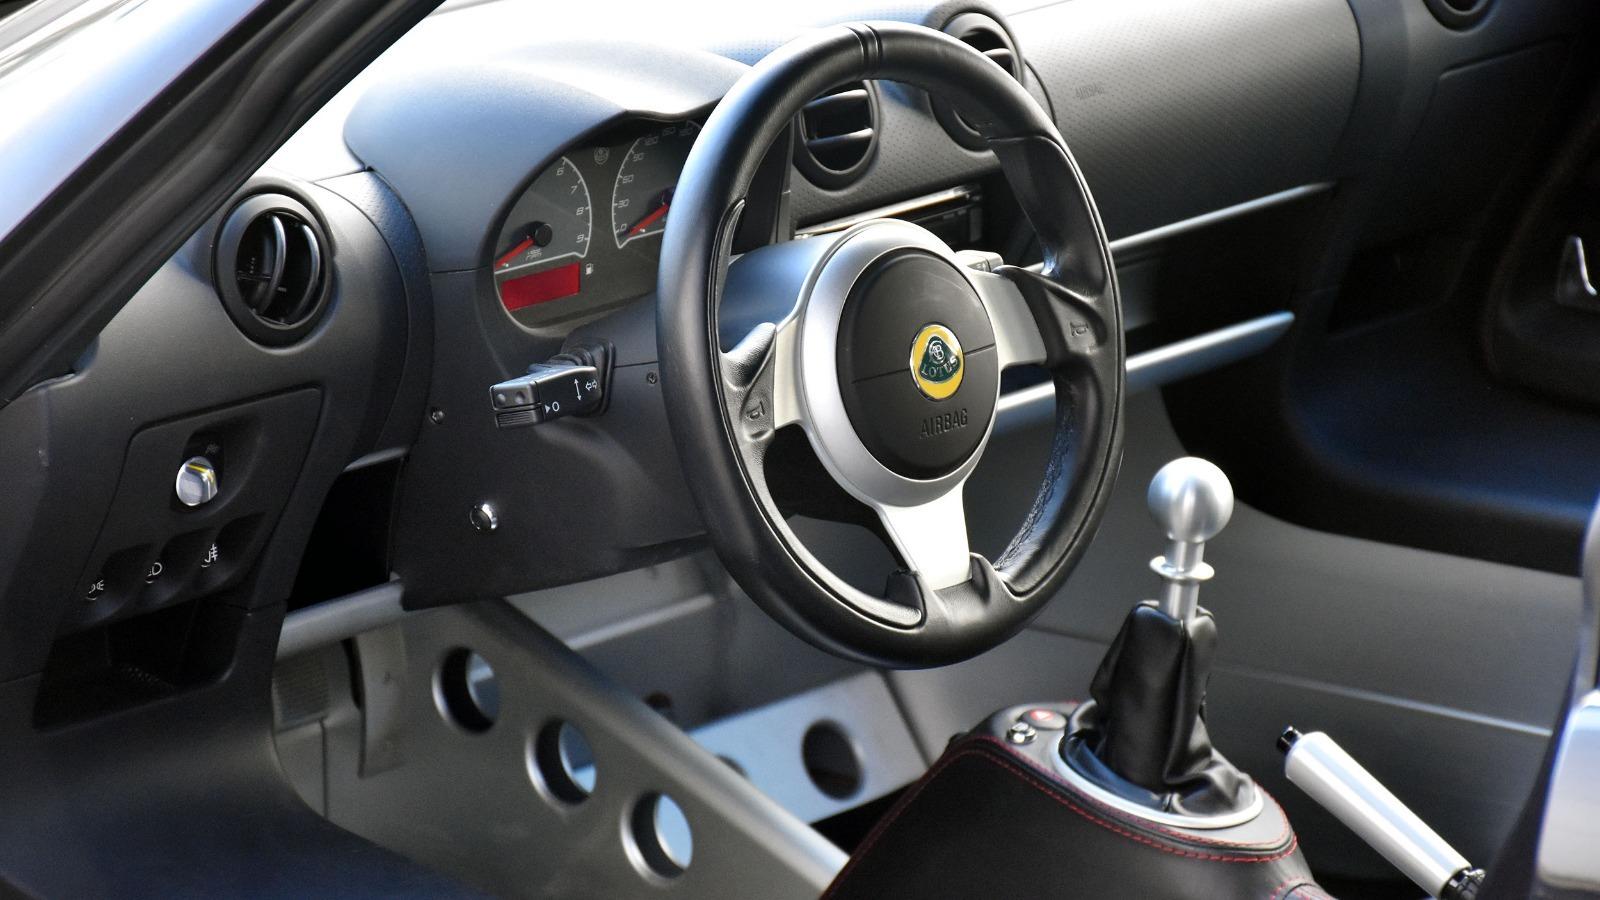 Lotus Exige er kjent for sin relativt spartanske cockpit